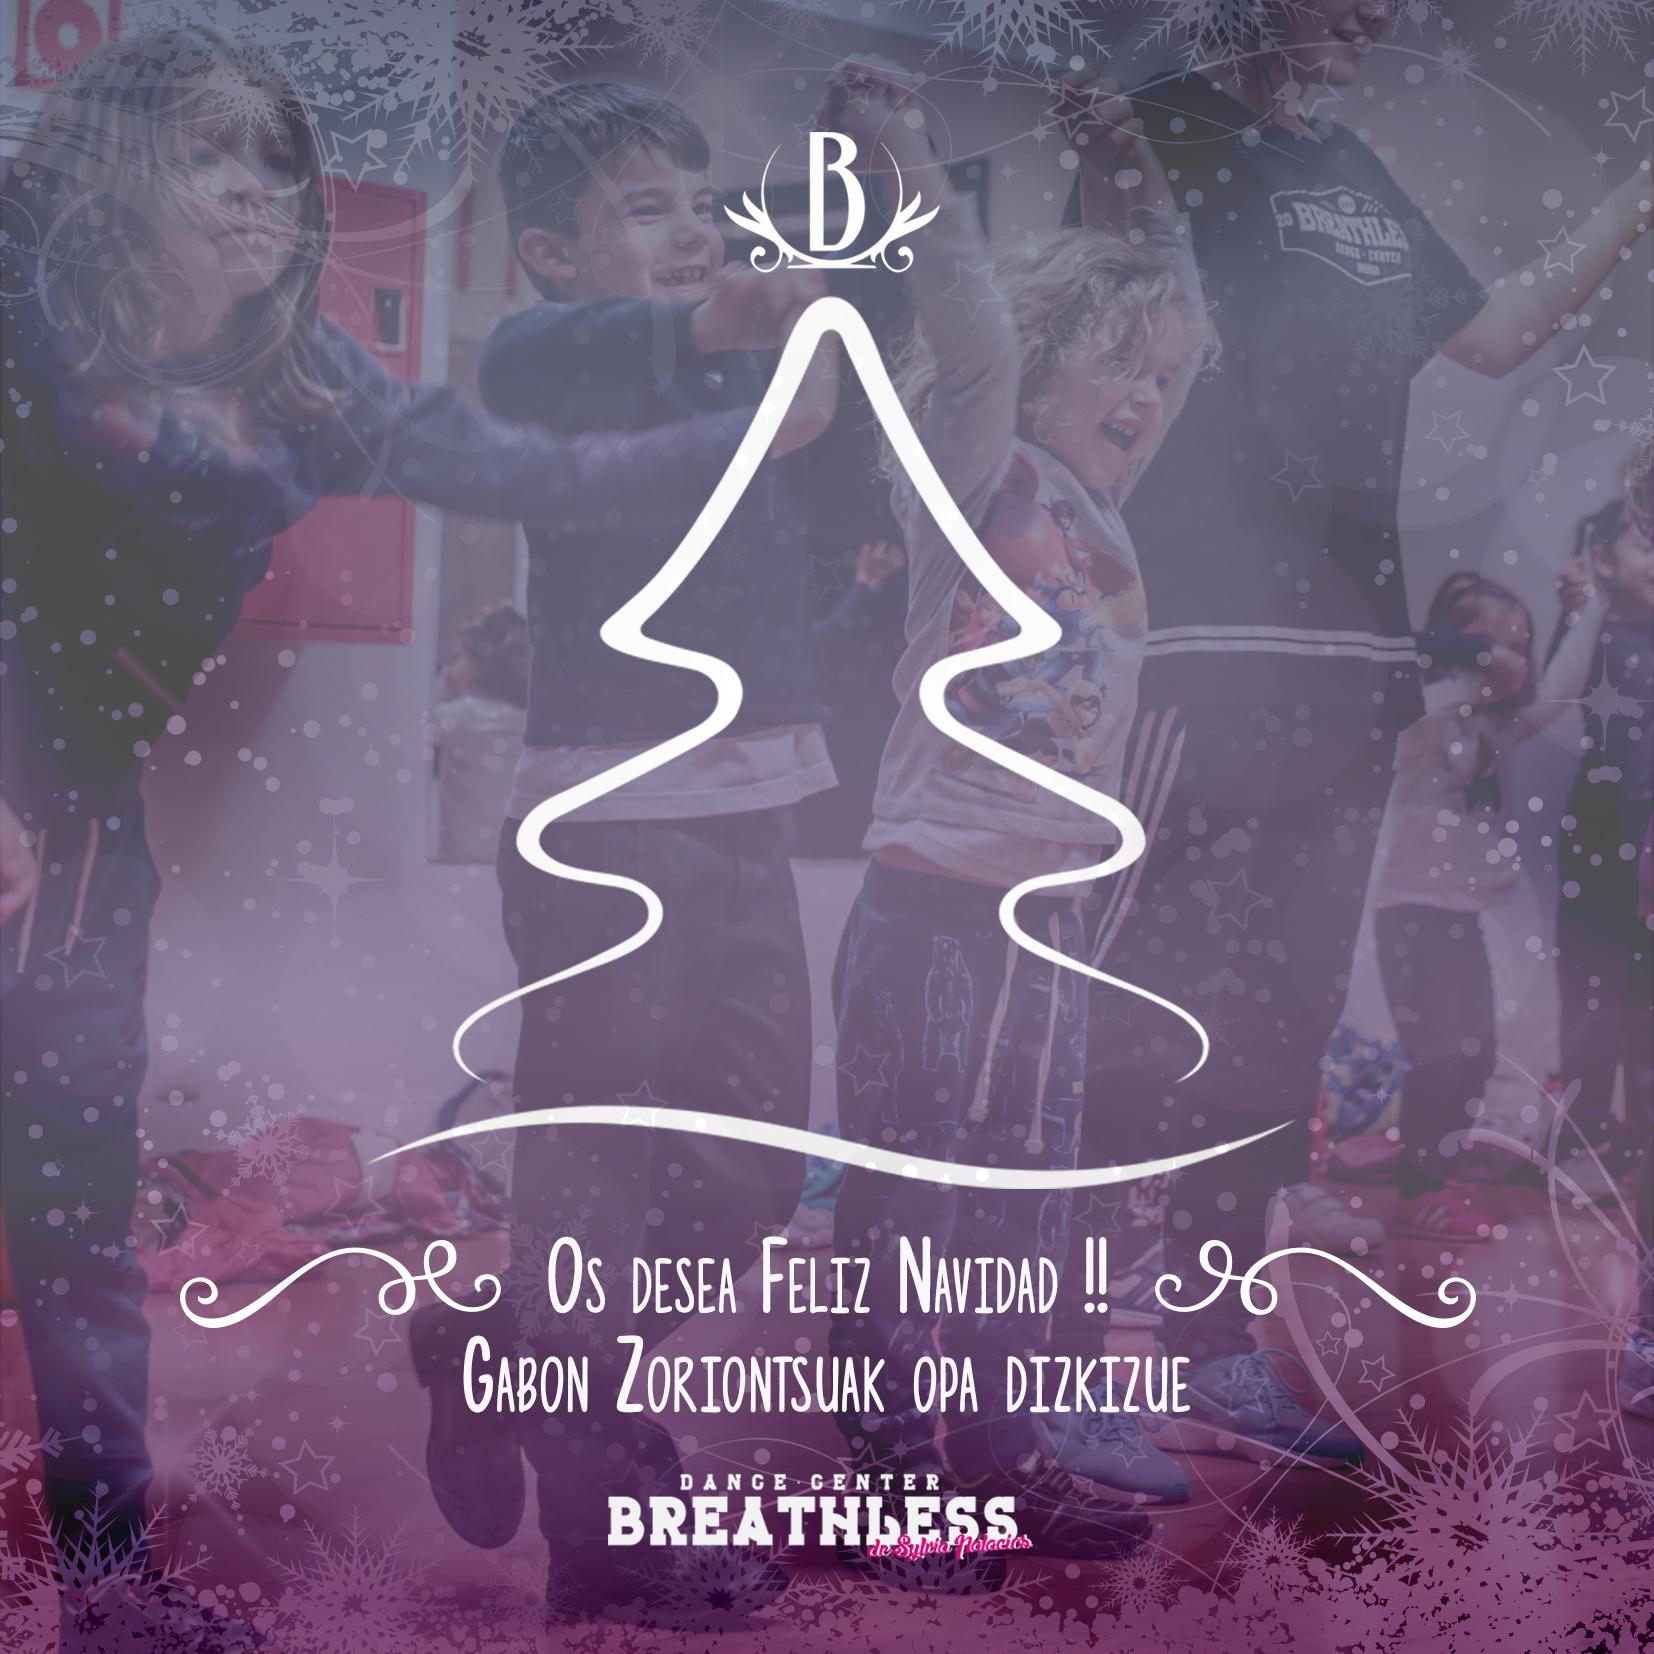 breathless_navidad_2016